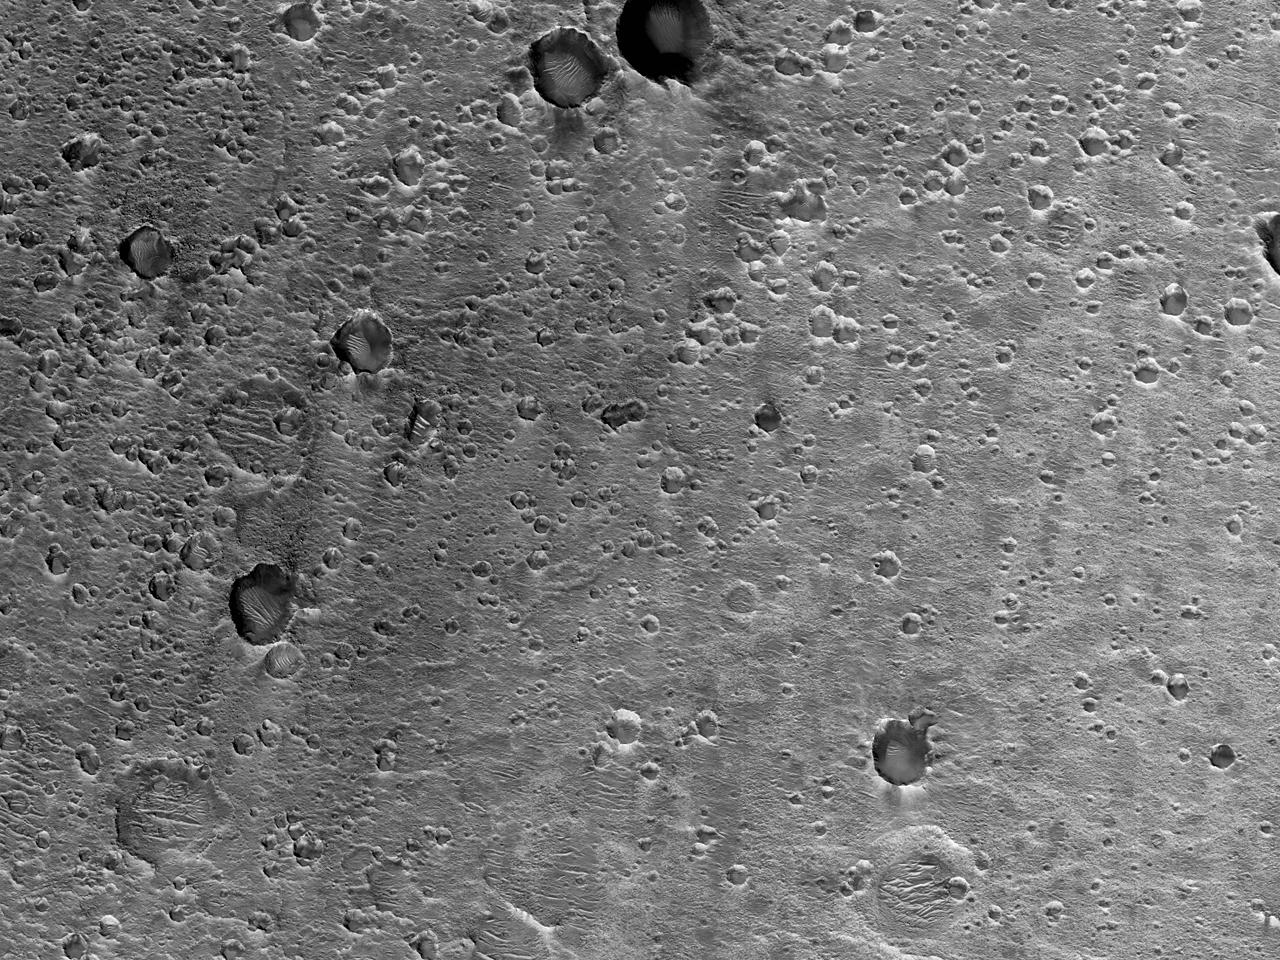 Mulig landingssted for ExoMars i Oxia Paulus-regionen